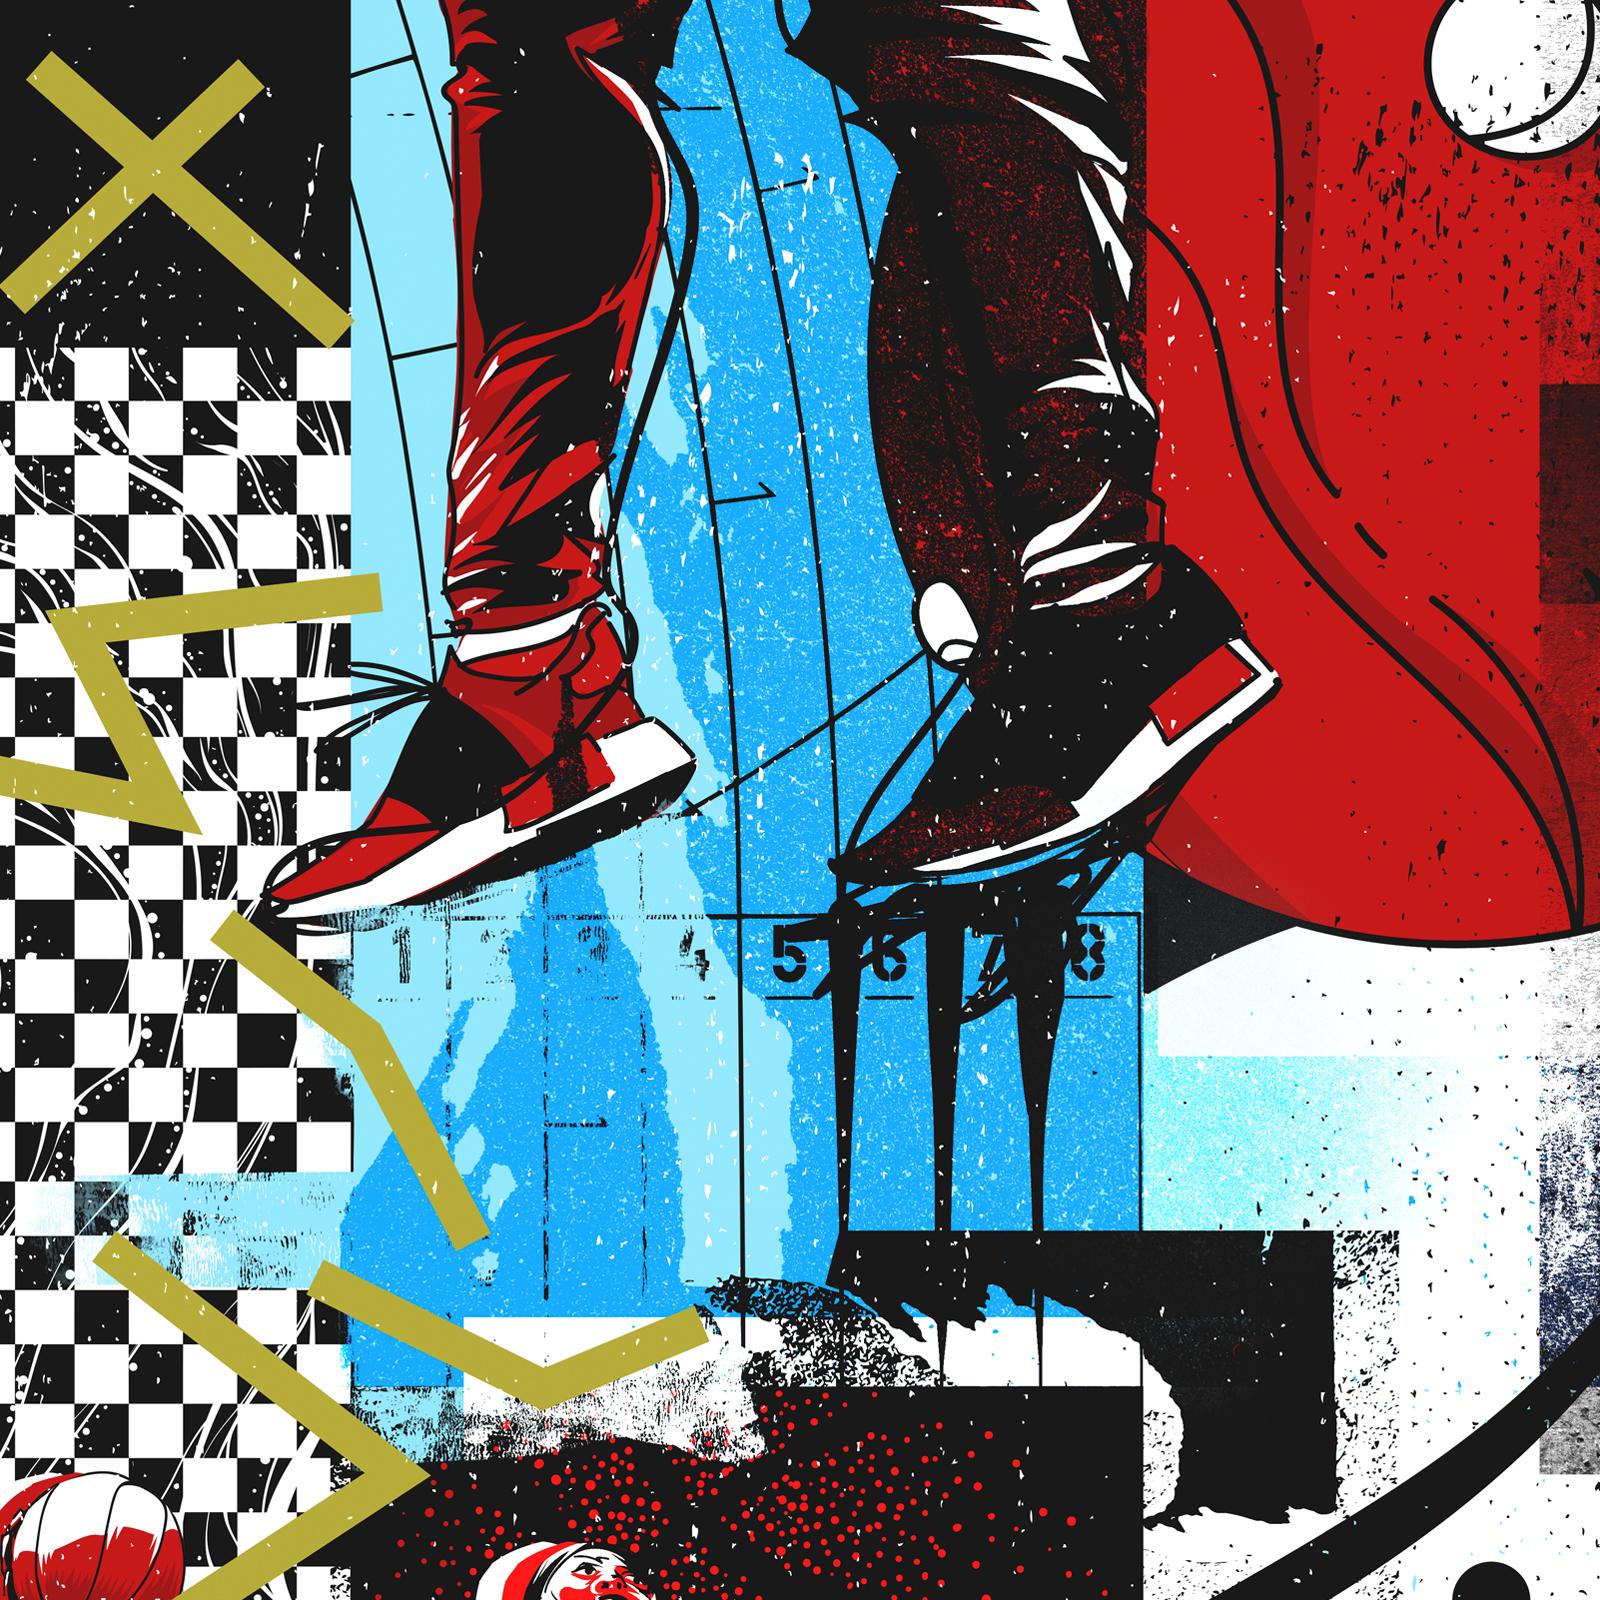 Mural detail #3